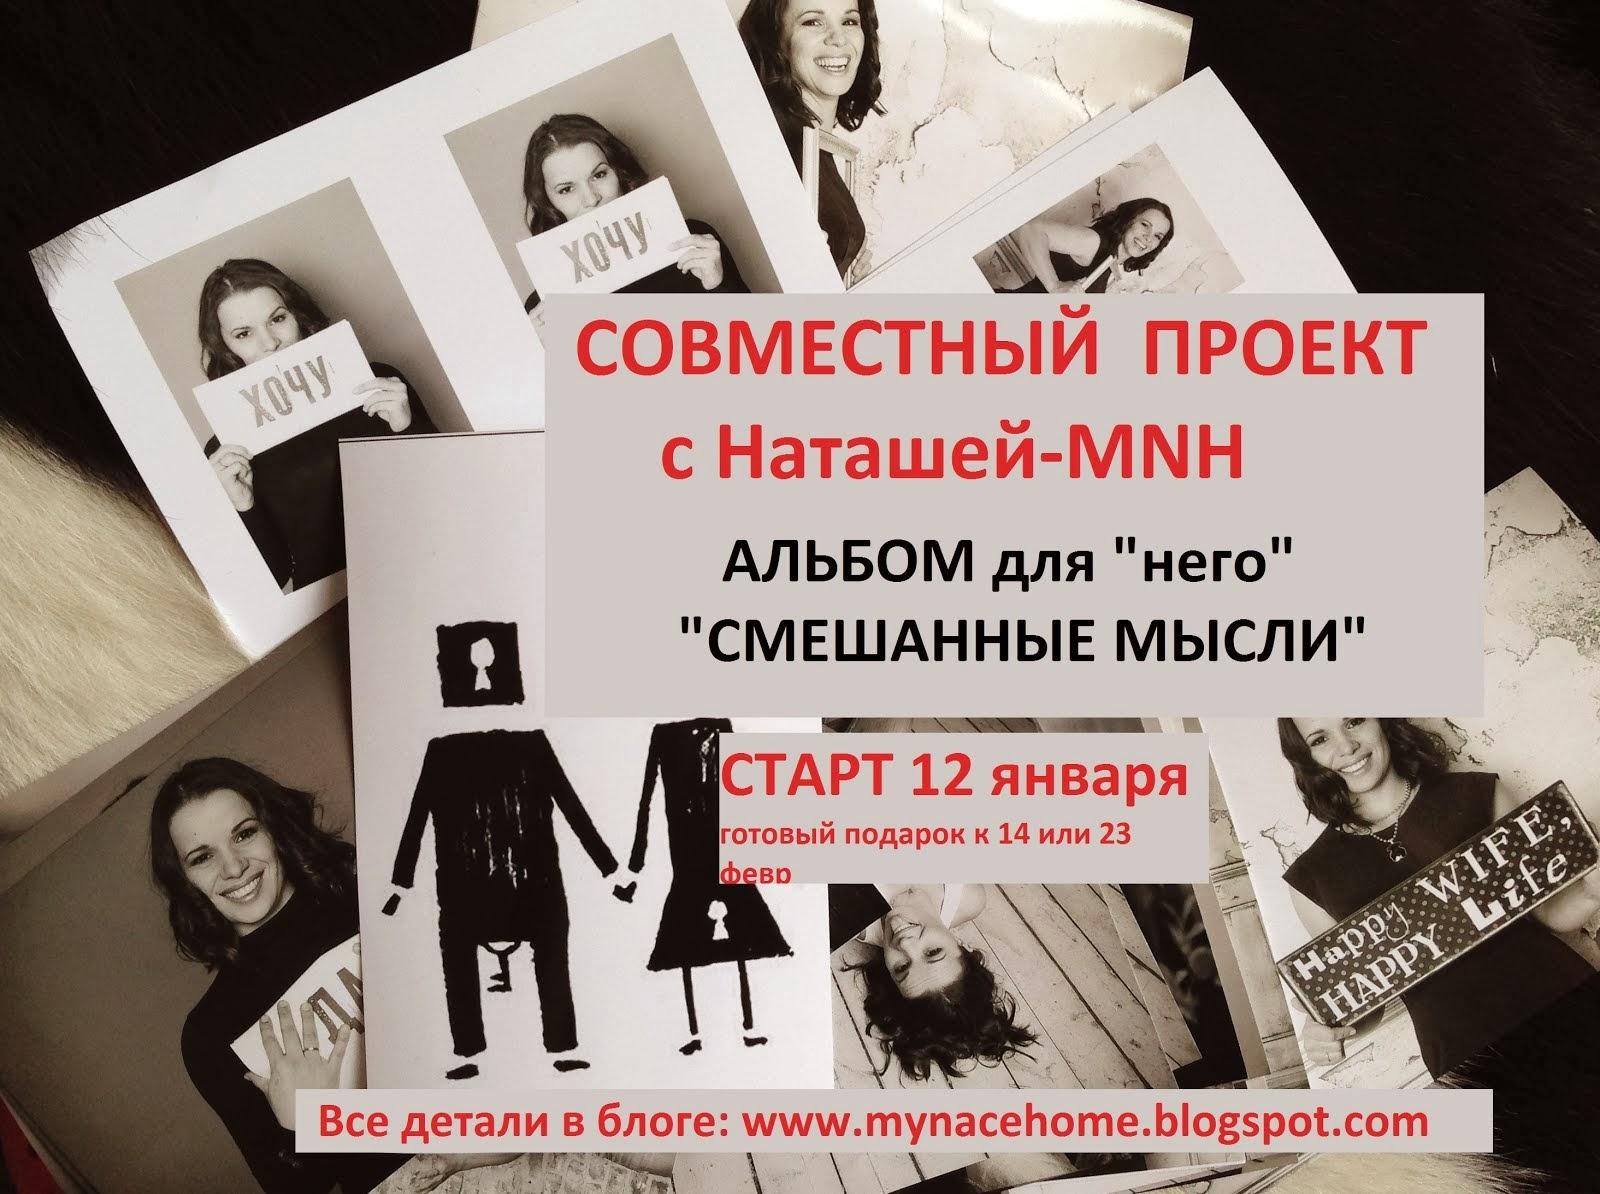 http://mynacehome.blogspot.ru/2014/01/1.html